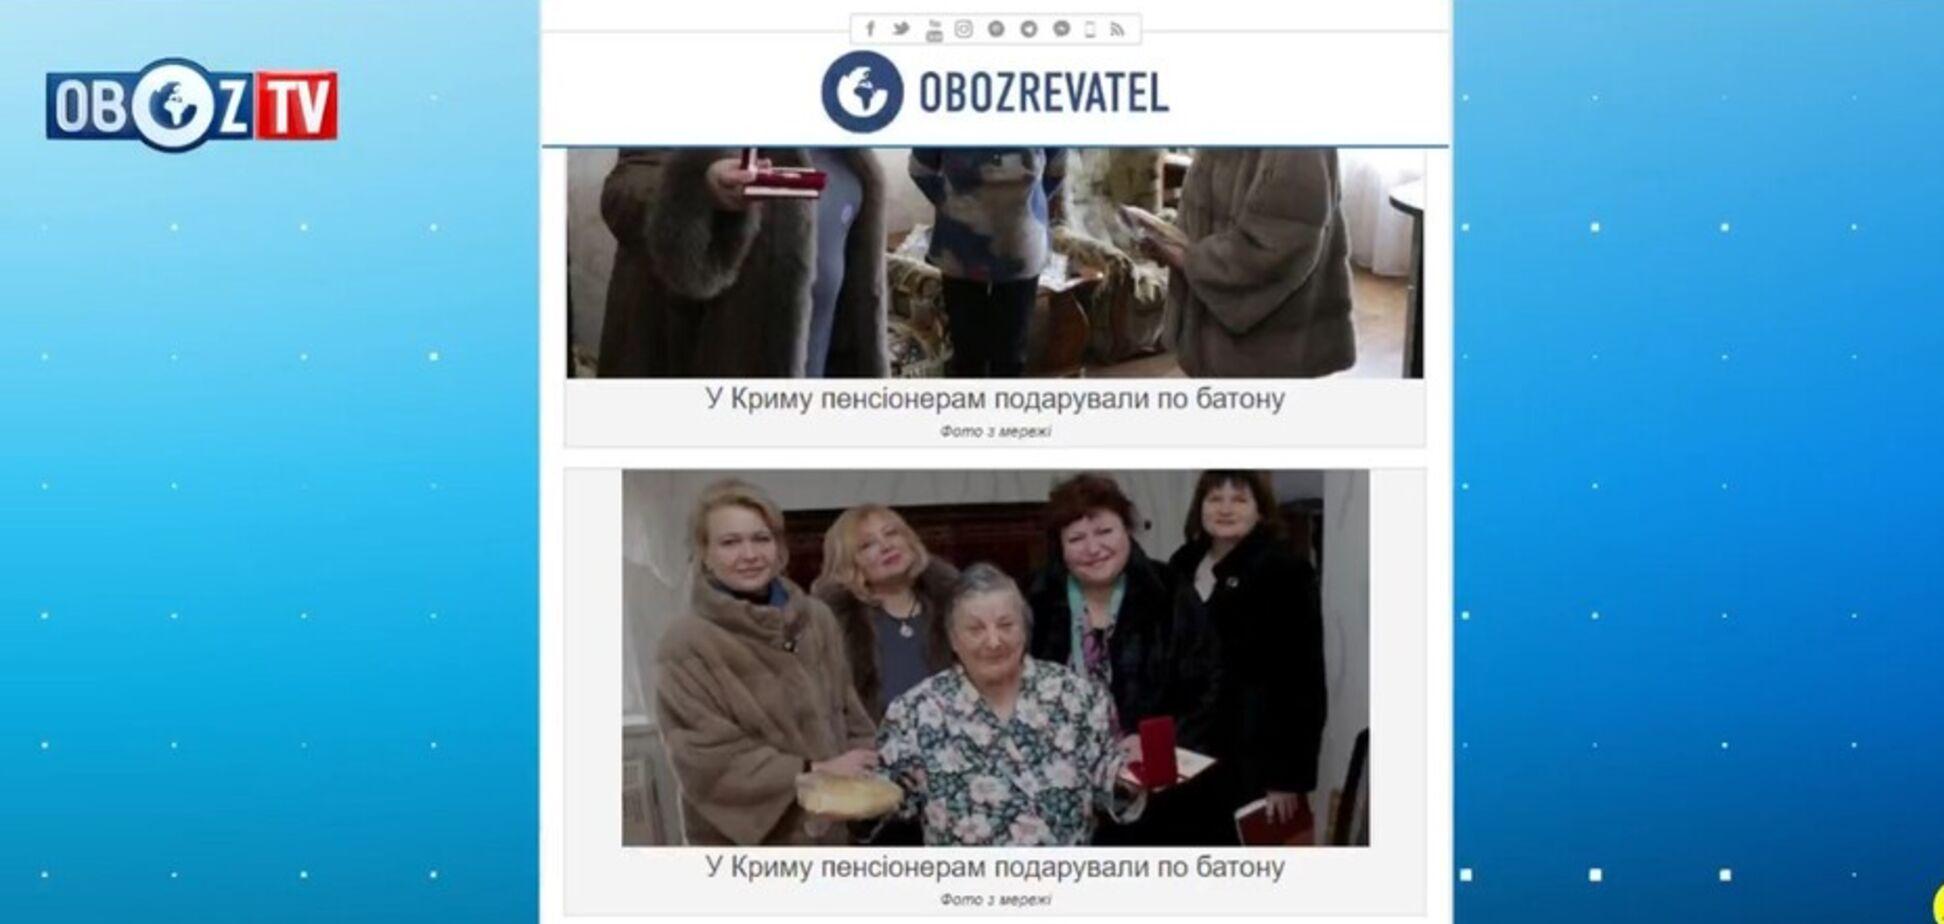 ПОРЄБРІК: в Керчі чиновниці подарували пенсіонерам батон